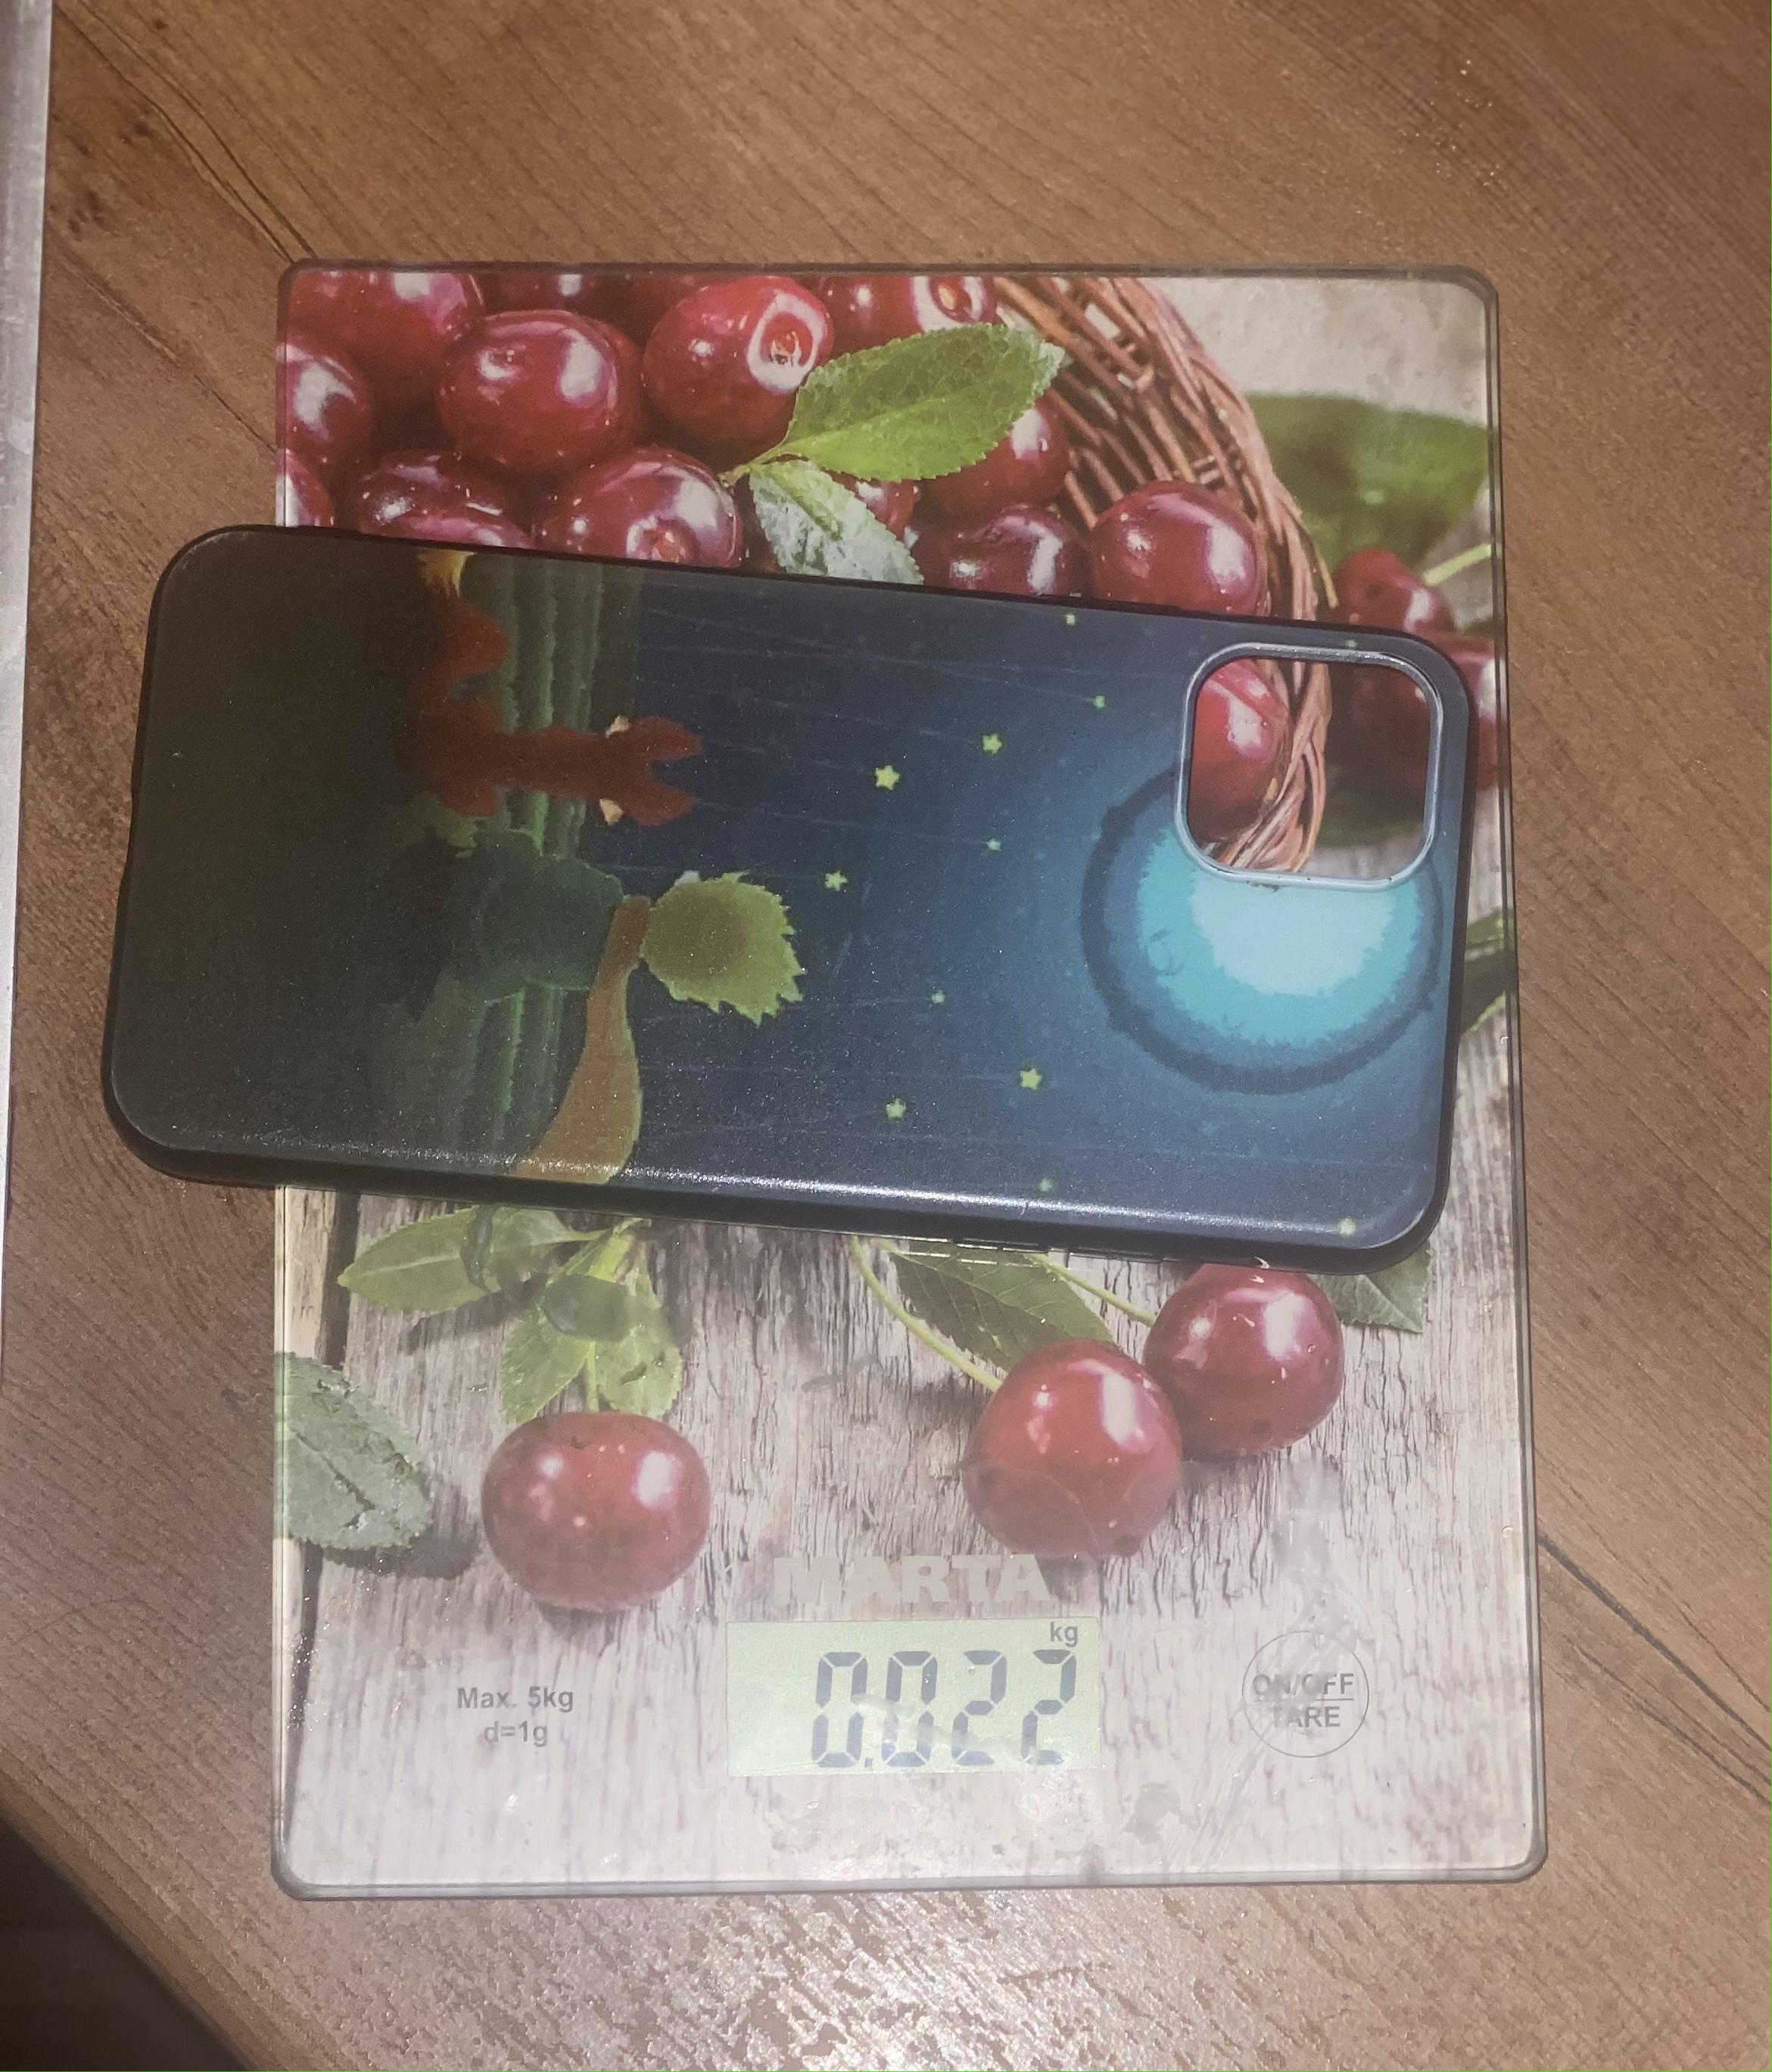 вес чехла для айфона 11 про макс силиконовый